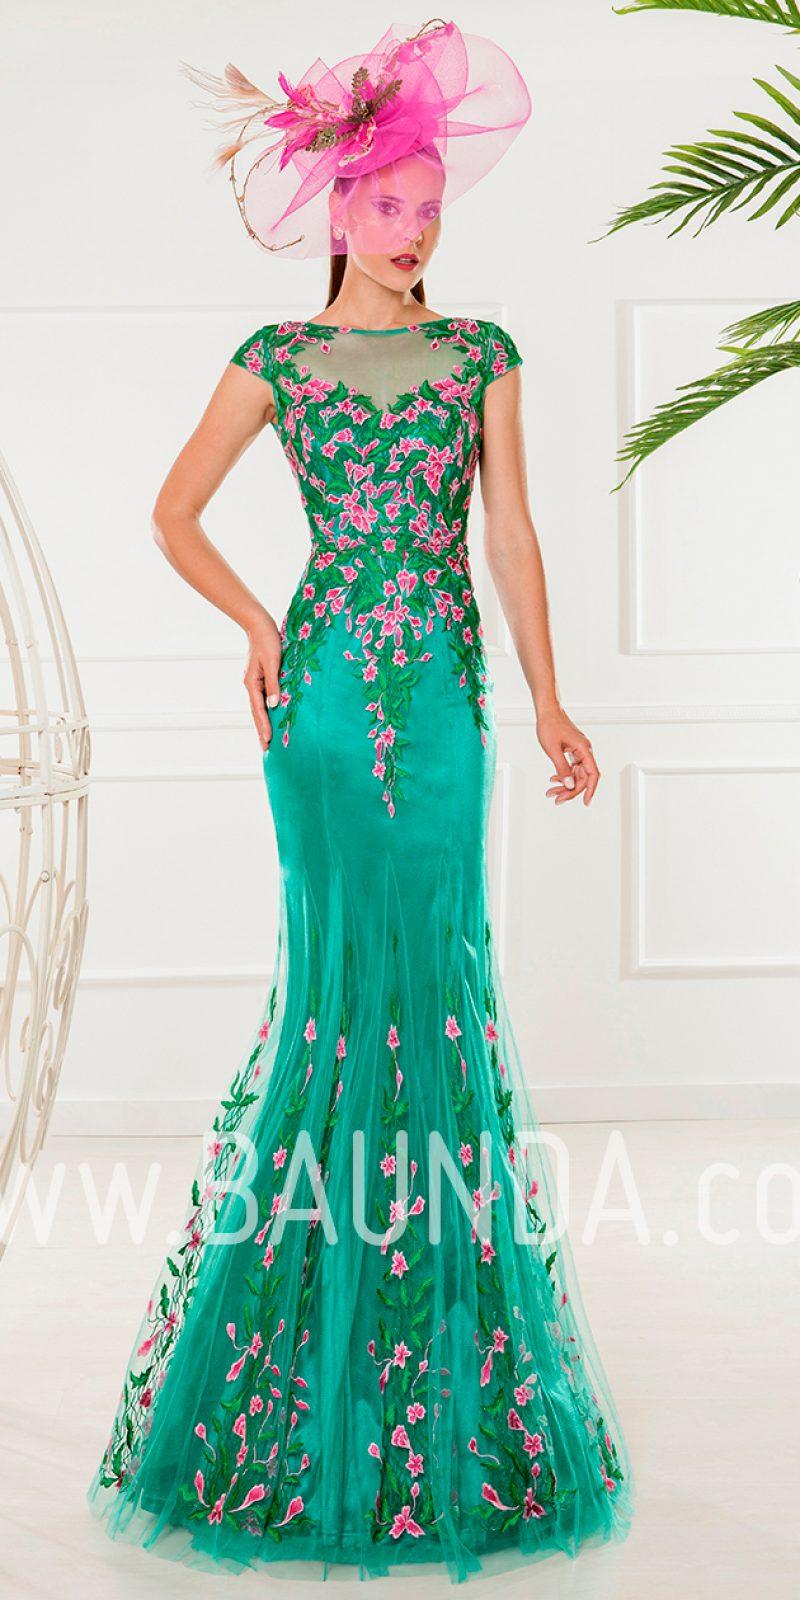 Baunda Vestido de madrina 2018 XM 4871 verde Baunda Madrid y tienda ...